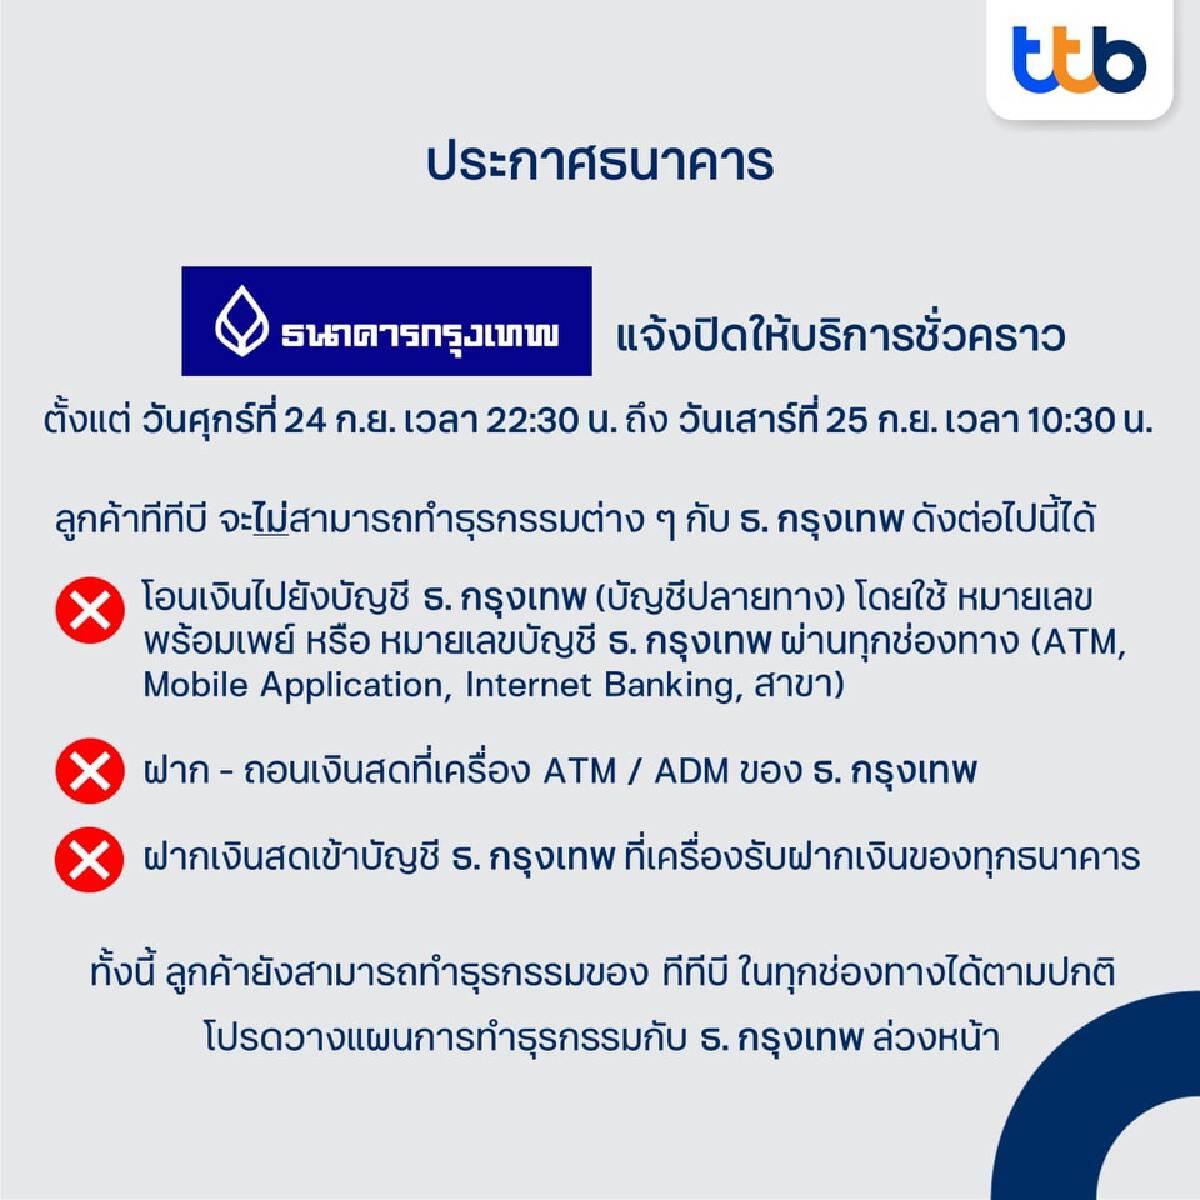 ttbแจ้งเตือนวางแผนทำธุรกรรมร่วมกับธนาคารกรุงเทพ